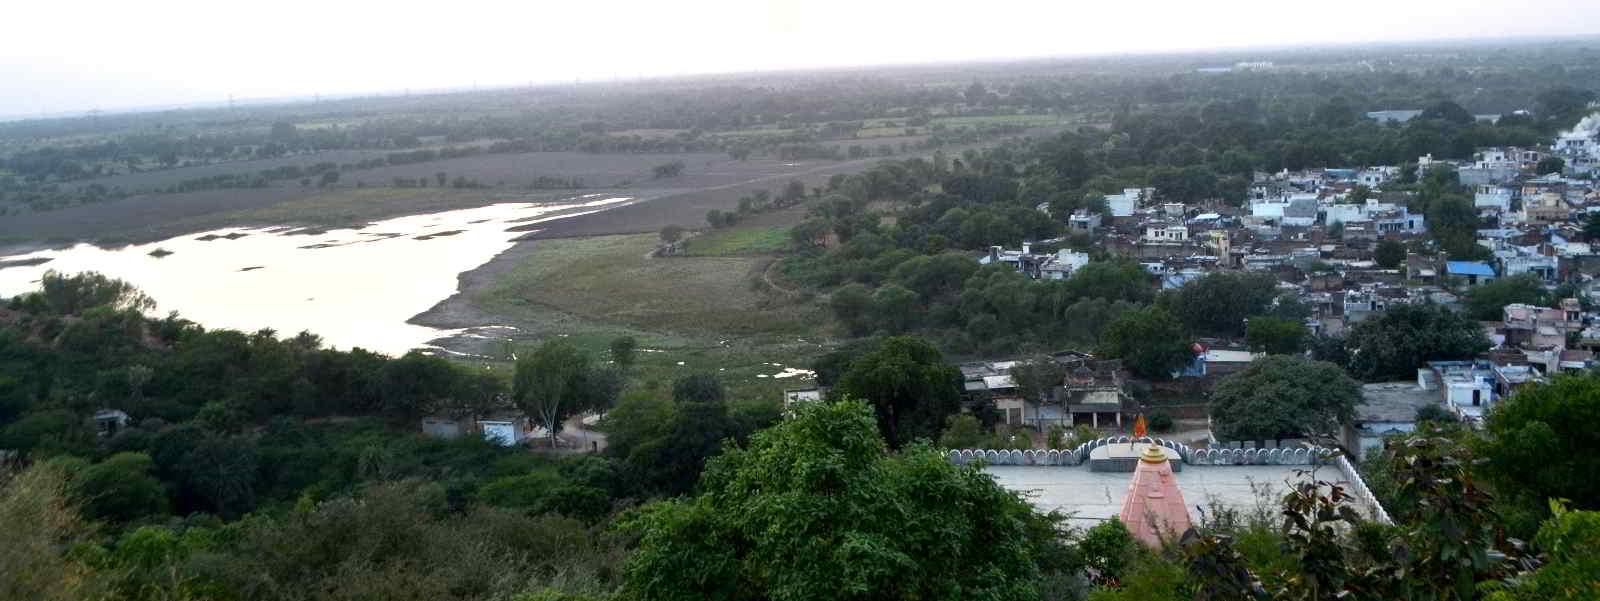 Gangrar Talab